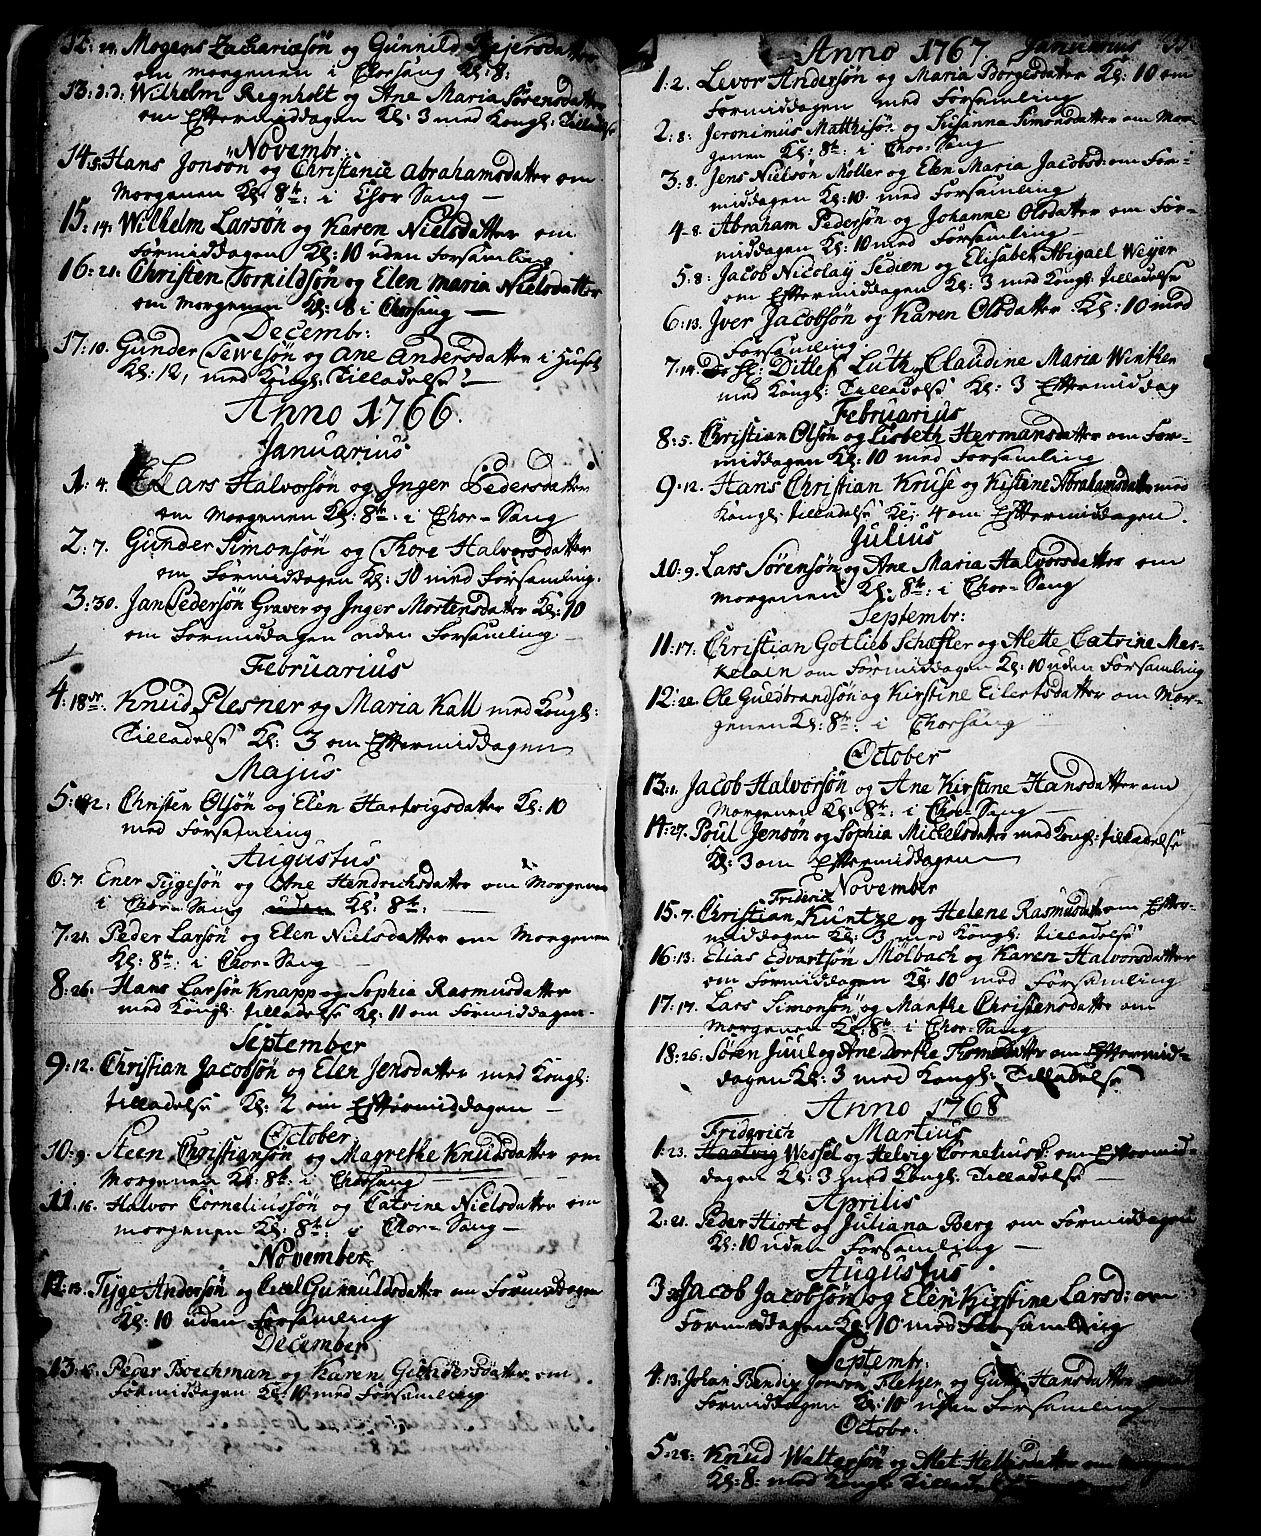 SAKO, Skien kirkebøker, G/Ga/L0001: Klokkerbok nr. 1, 1756-1791, s. 35